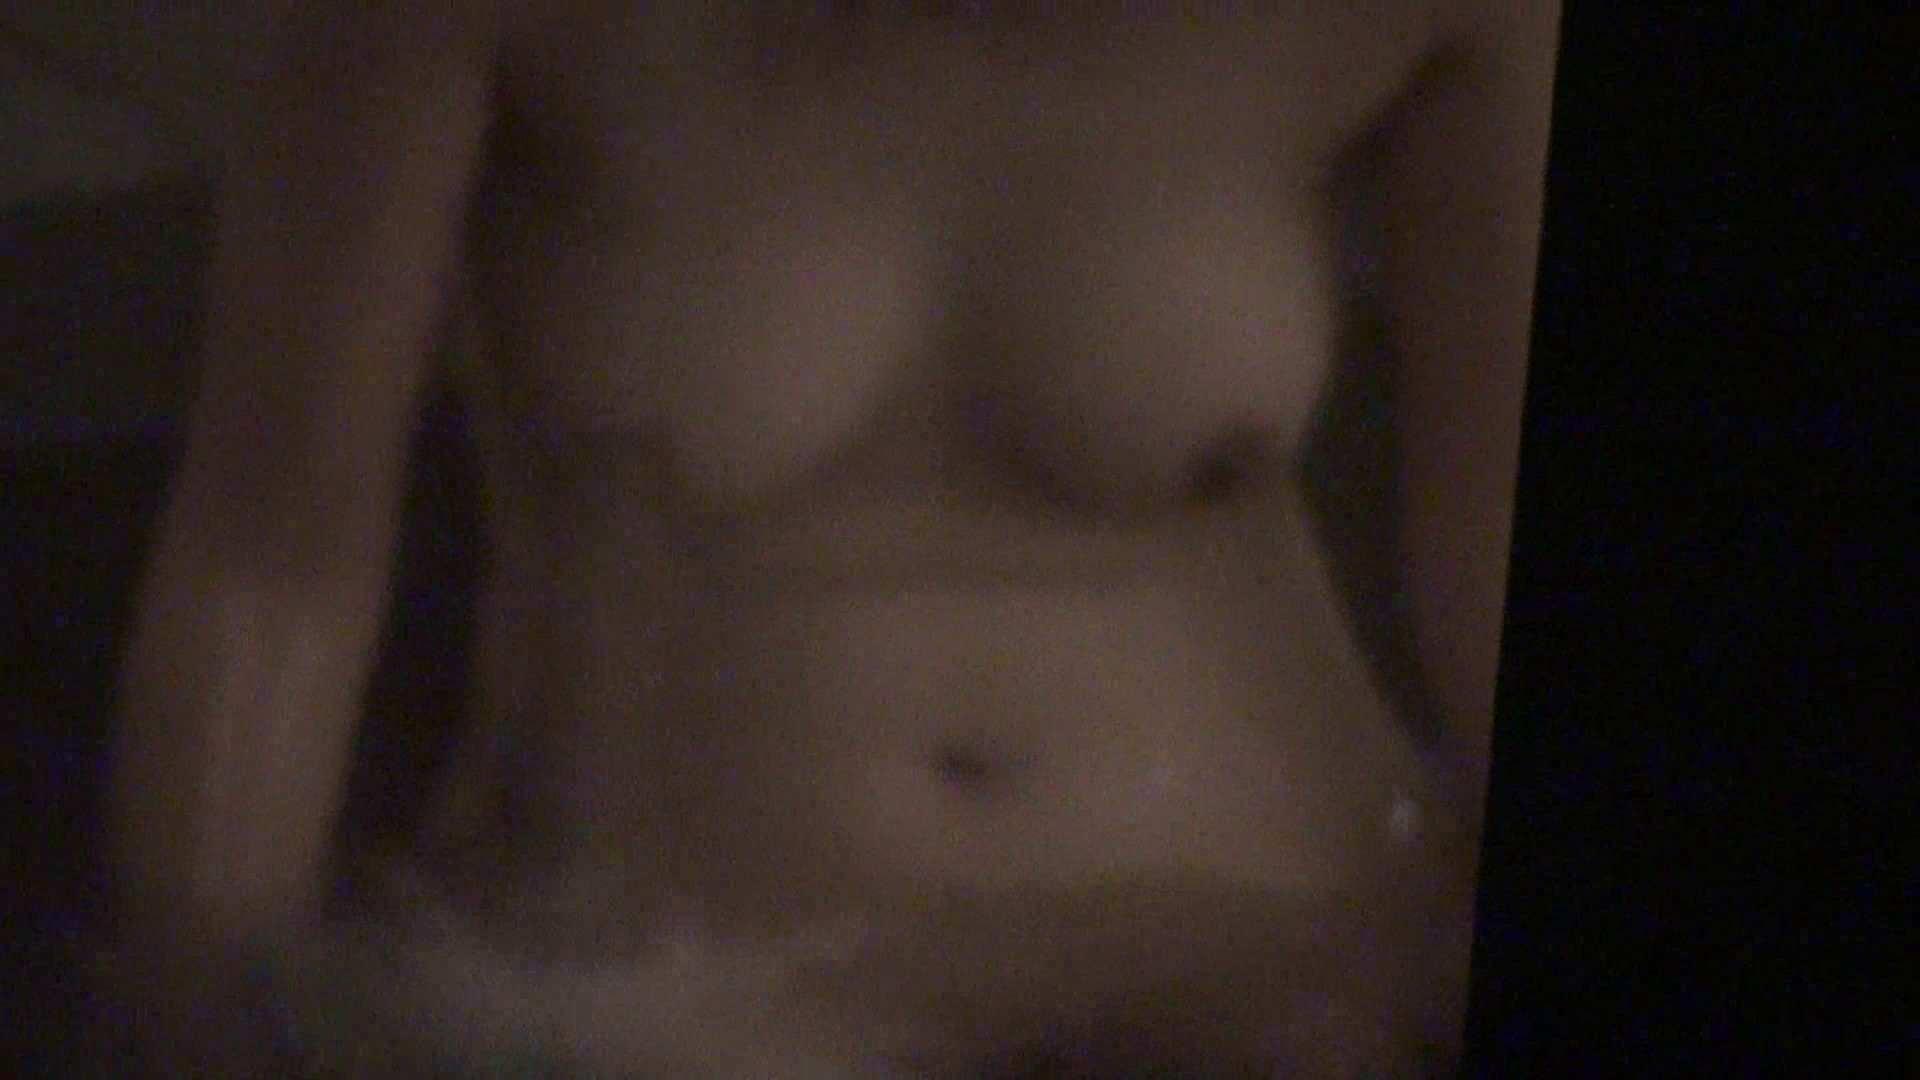 Aquaな露天風呂Vol.431 ガールの盗撮 セックス画像 109枚